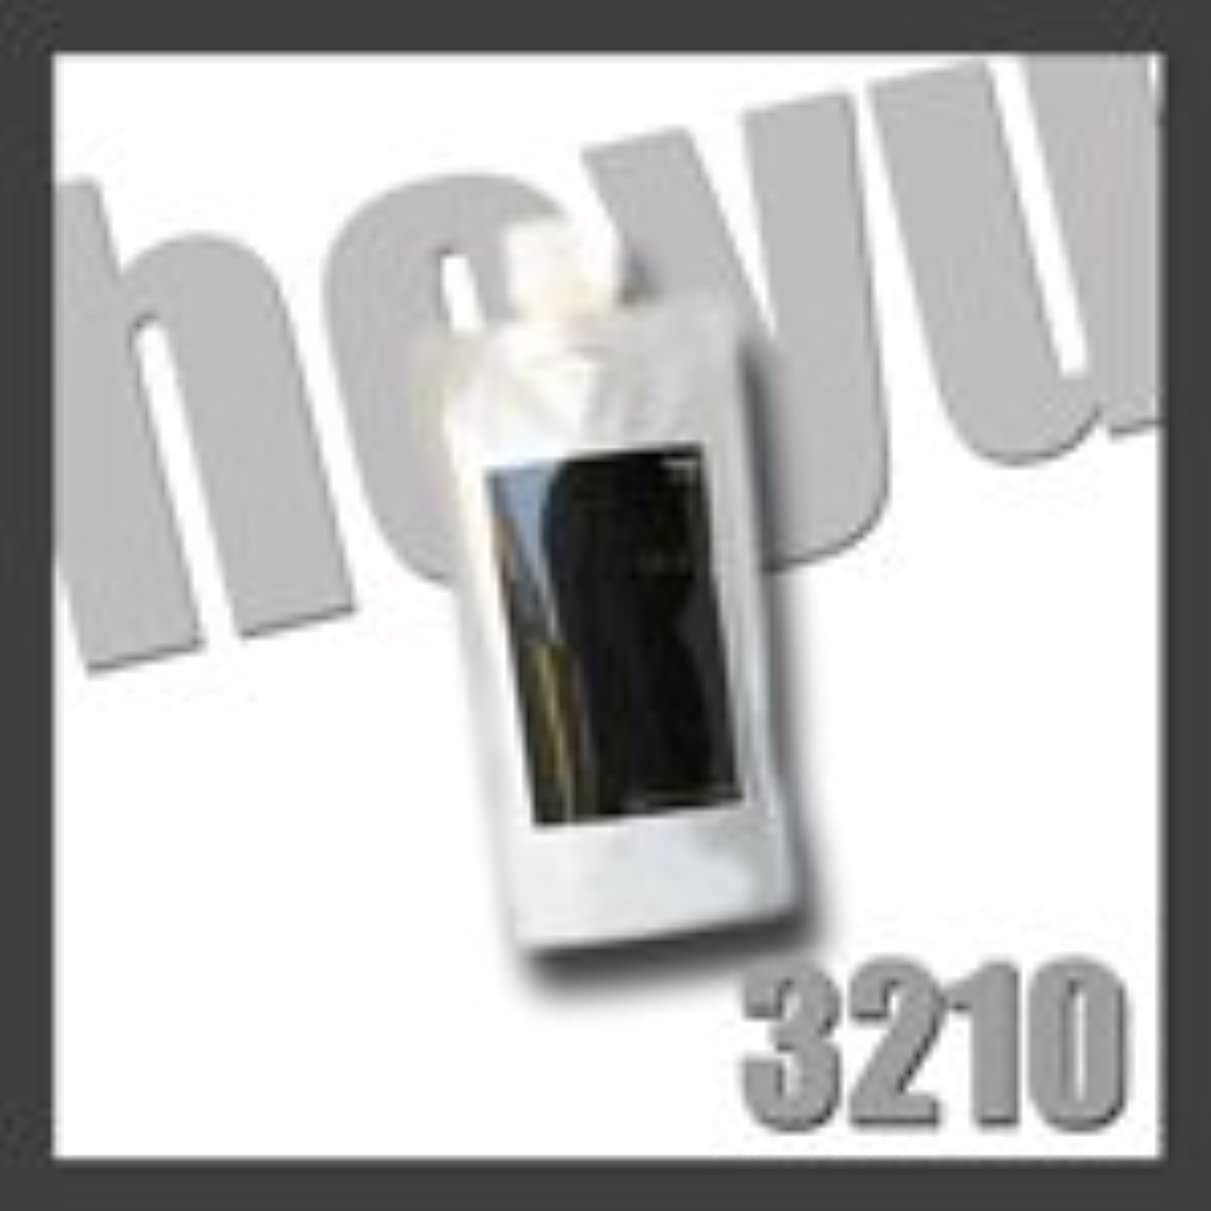 マウンドブロックペインギリックHOYU ホーユー 3210 ミニーレ ウルトラハード ワックス レフィル 200g 詰替用 フィニッシュワークシリーズ